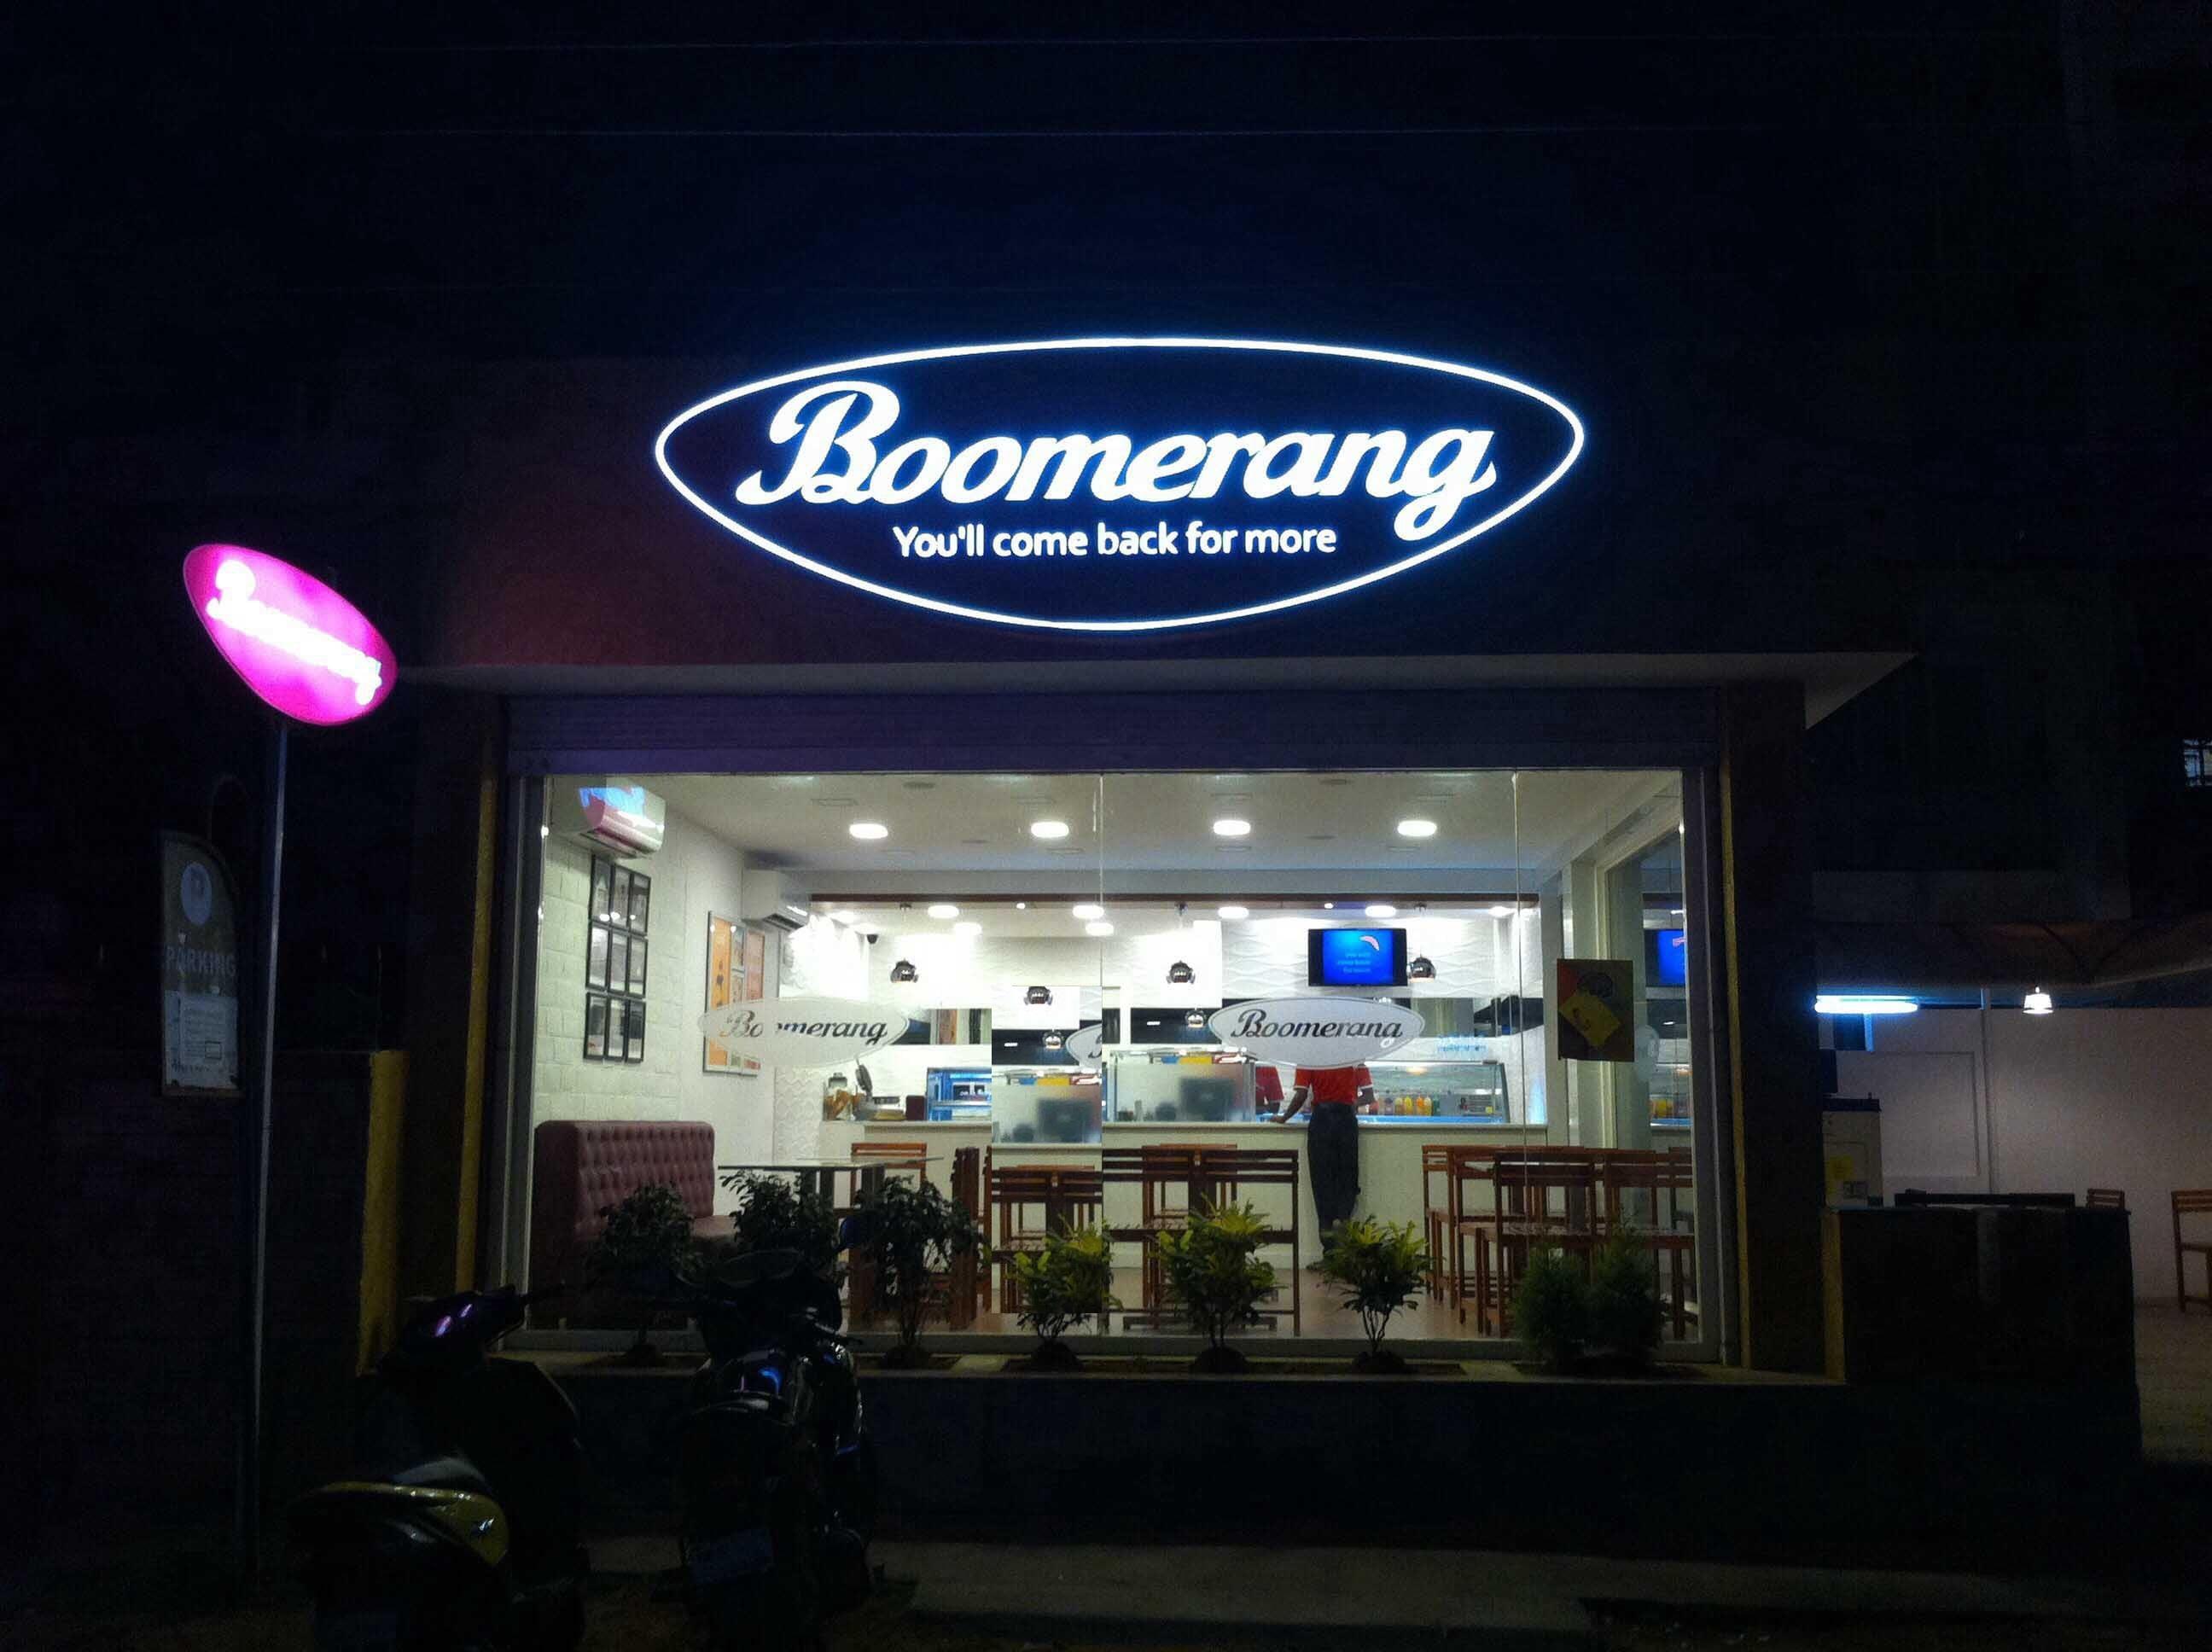 Boomerang - RS Puram - Coimbatore Image